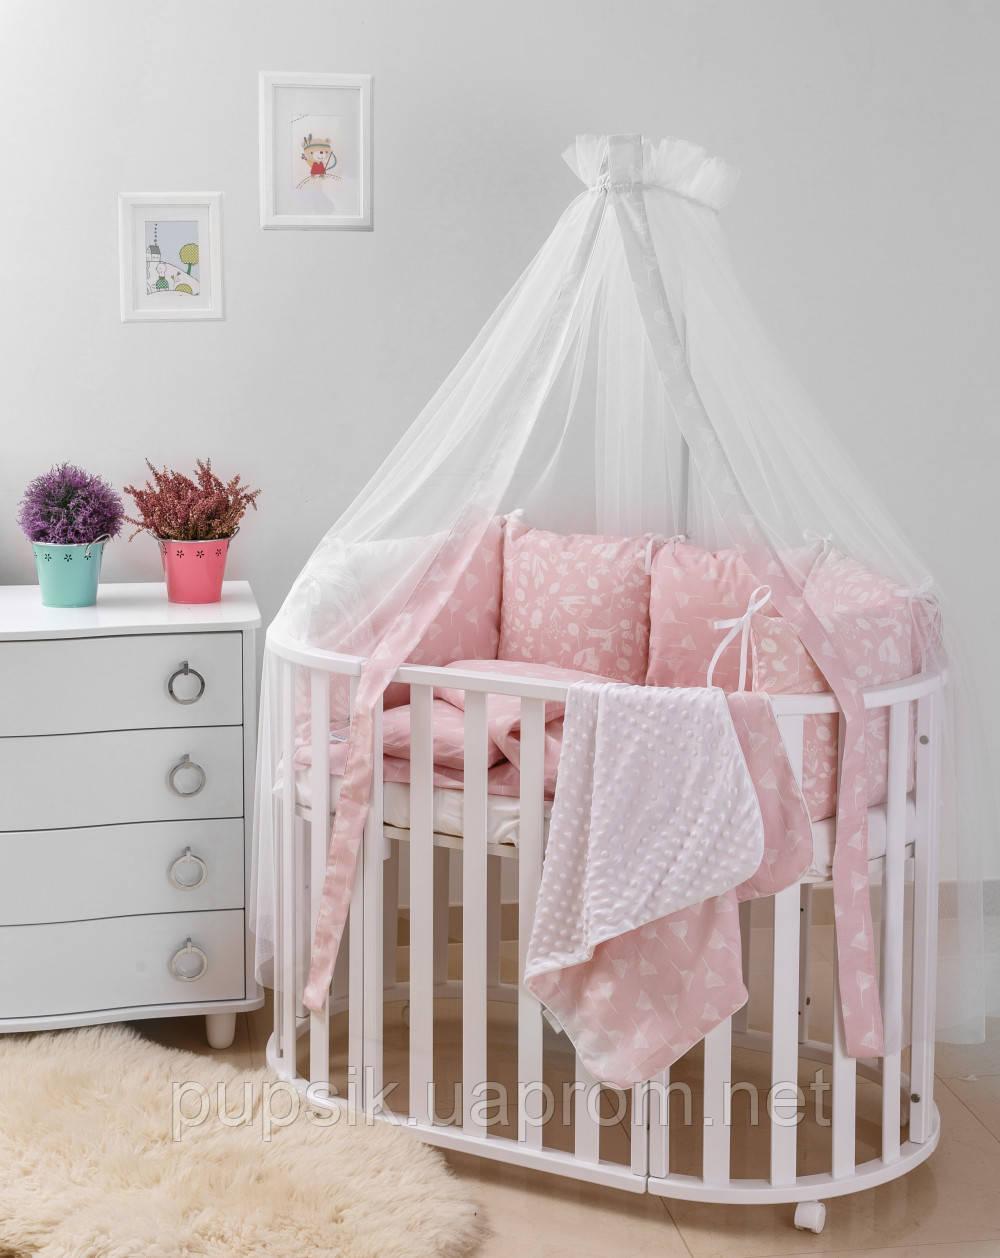 Постельный комплект для новорожденного Twins Dolce Лесные жители D-013 (8 предметов)